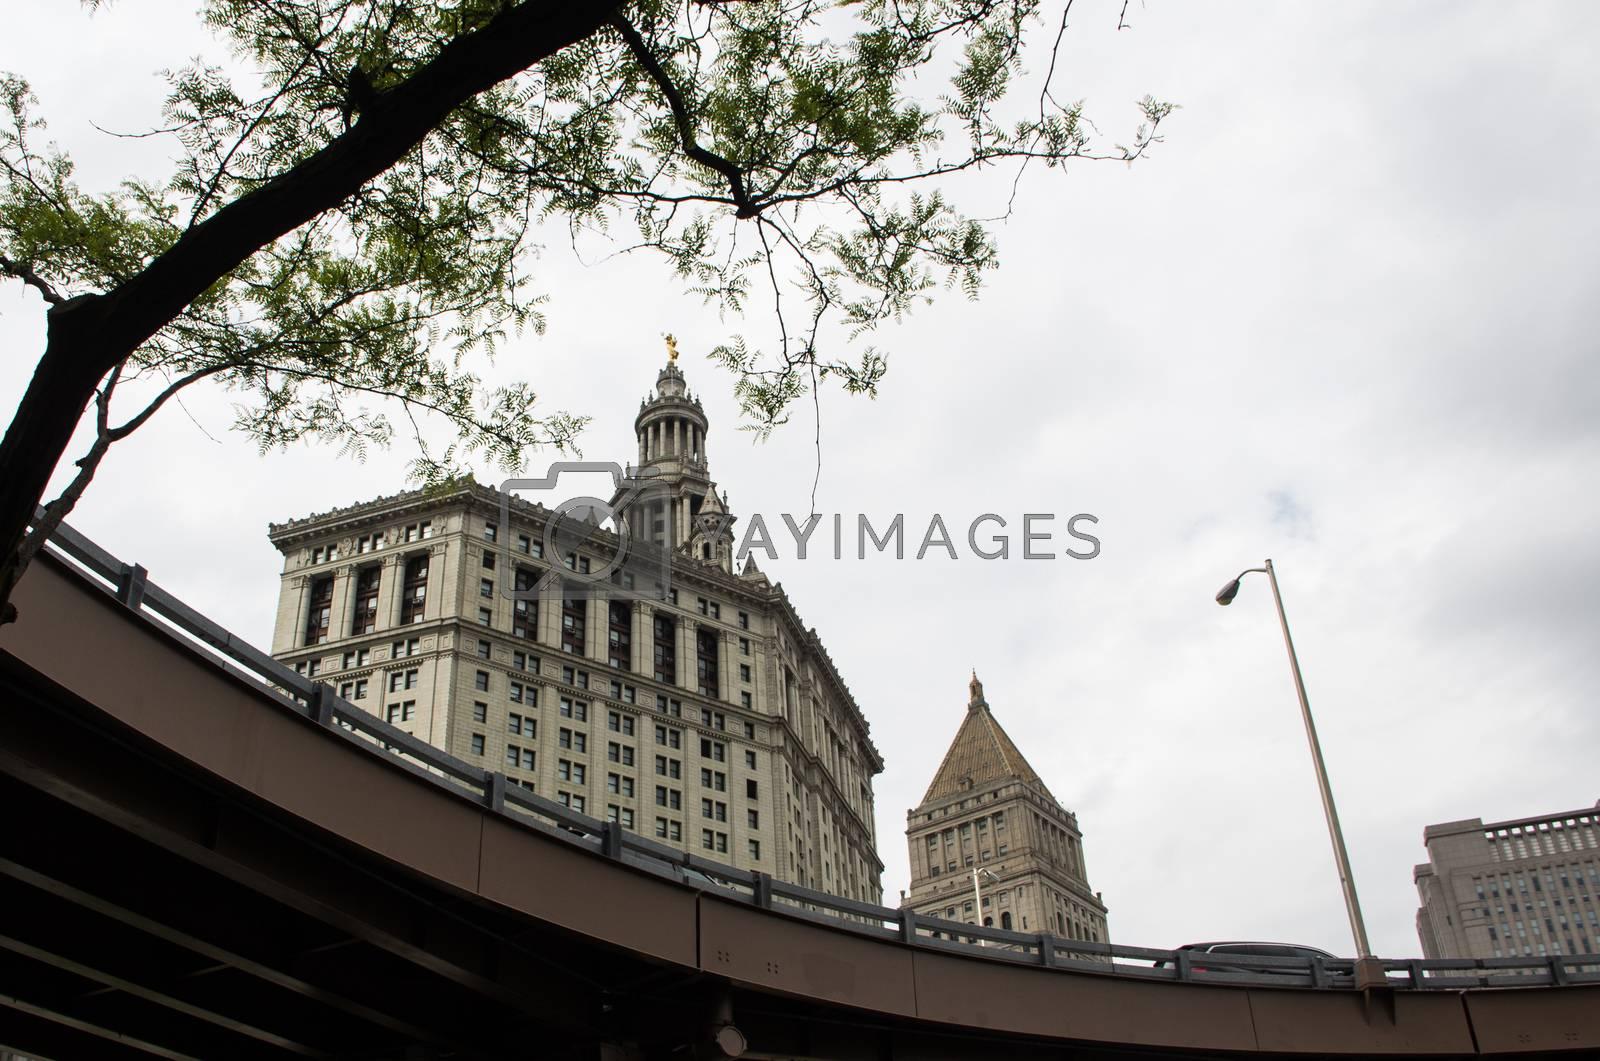 Buildings behind raised freeway bridge in new york city